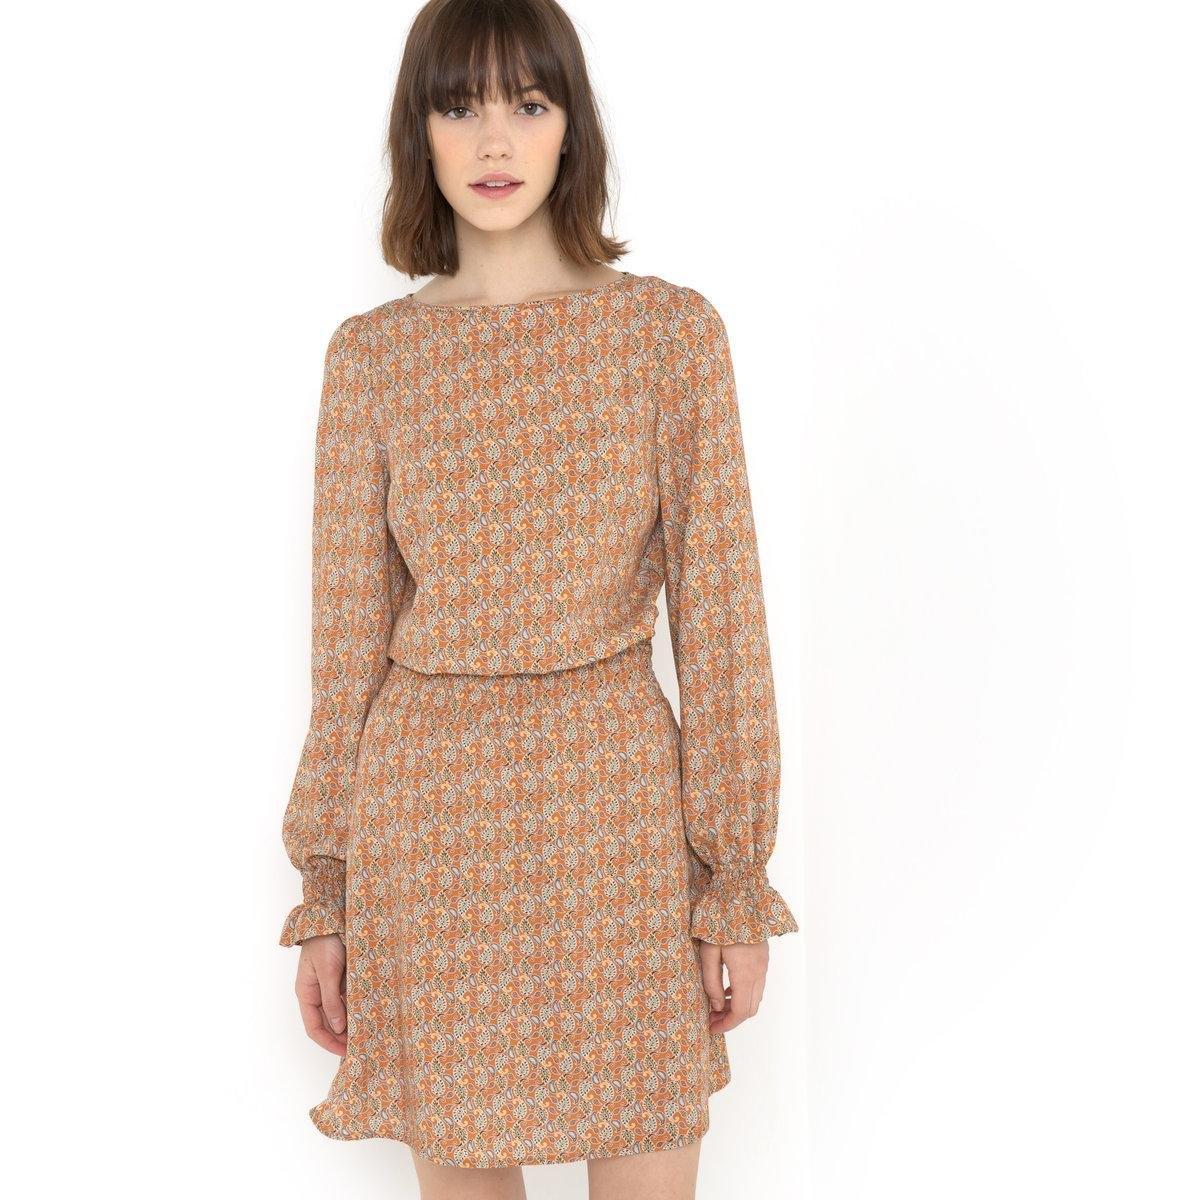 Платье с рисункомПлатье с рисунком на оранжевом фоне, 100% вискозы. Круглый вырез. Складки на поясе. Длинные рукава. Головка рукава оформлена складками. Складки на манжетах. Длина 90 см.<br><br>Цвет: набивной рисунок<br>Размер: 46 (FR) - 52 (RUS)